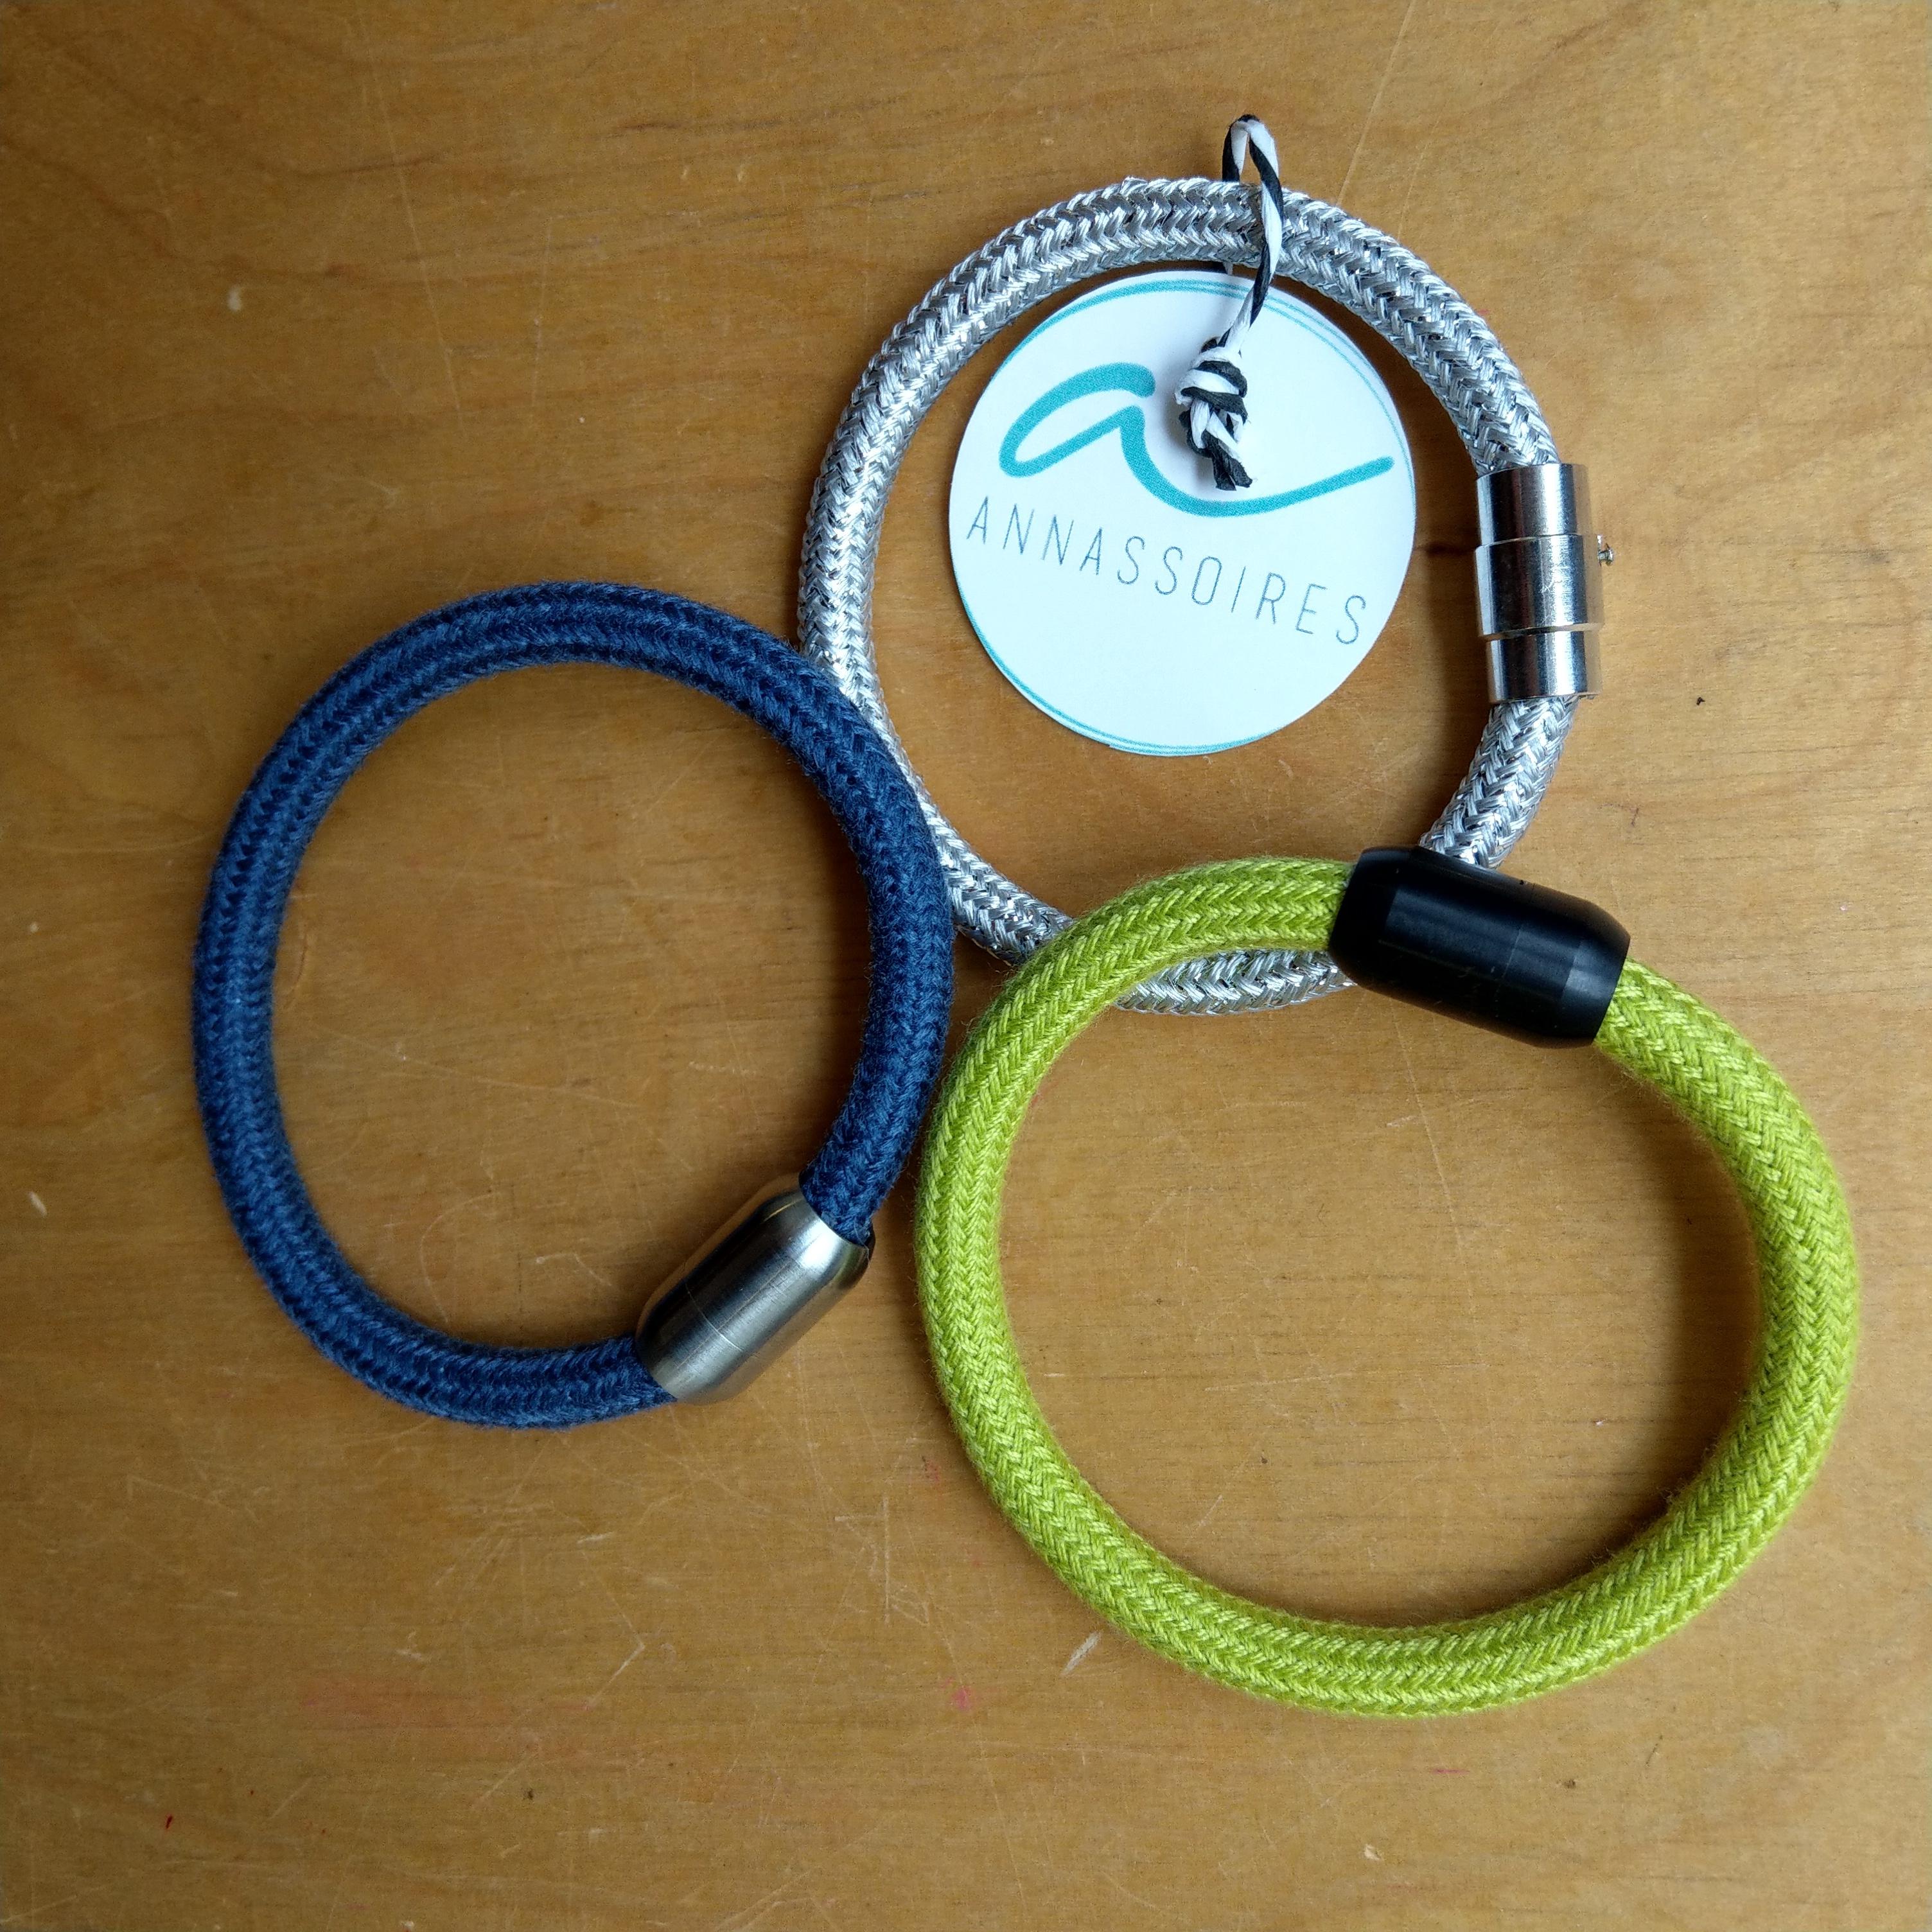 Textilkabel-Armband von Annassoires